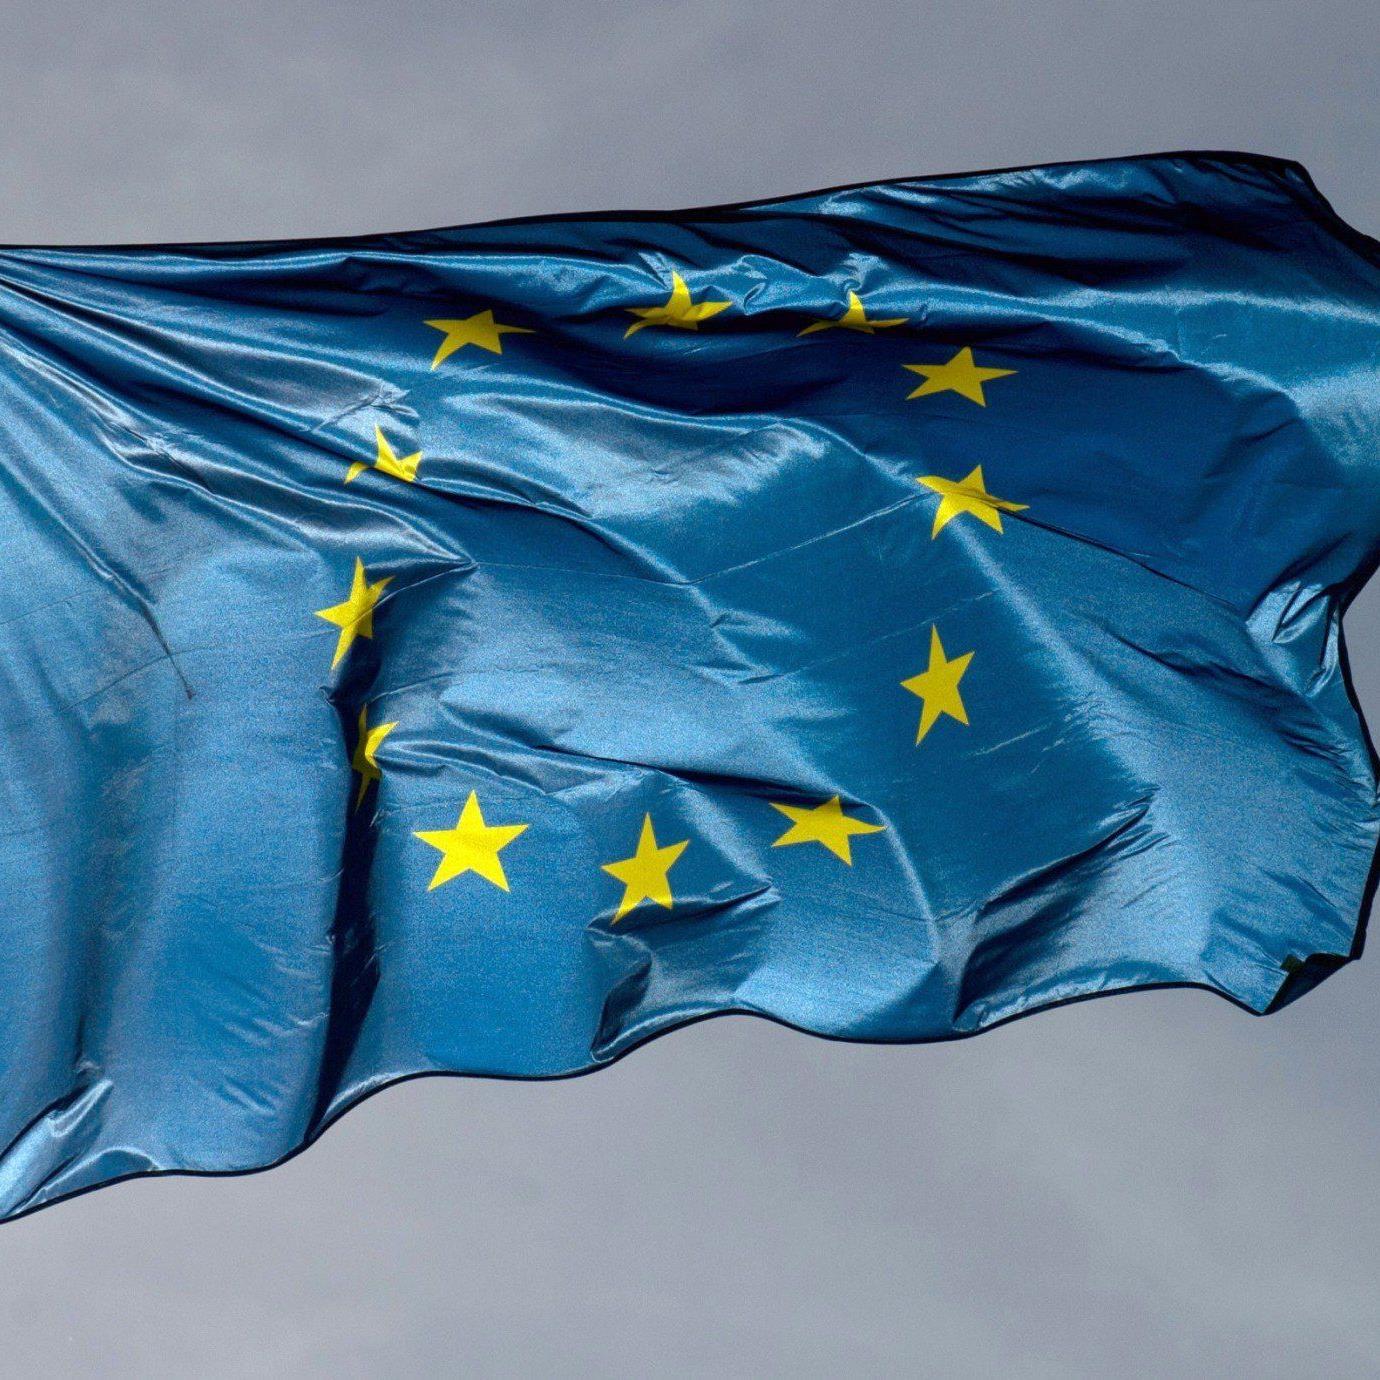 Das ist der Fahrplan nach der EU-Wahl am 25. Mai 2014.